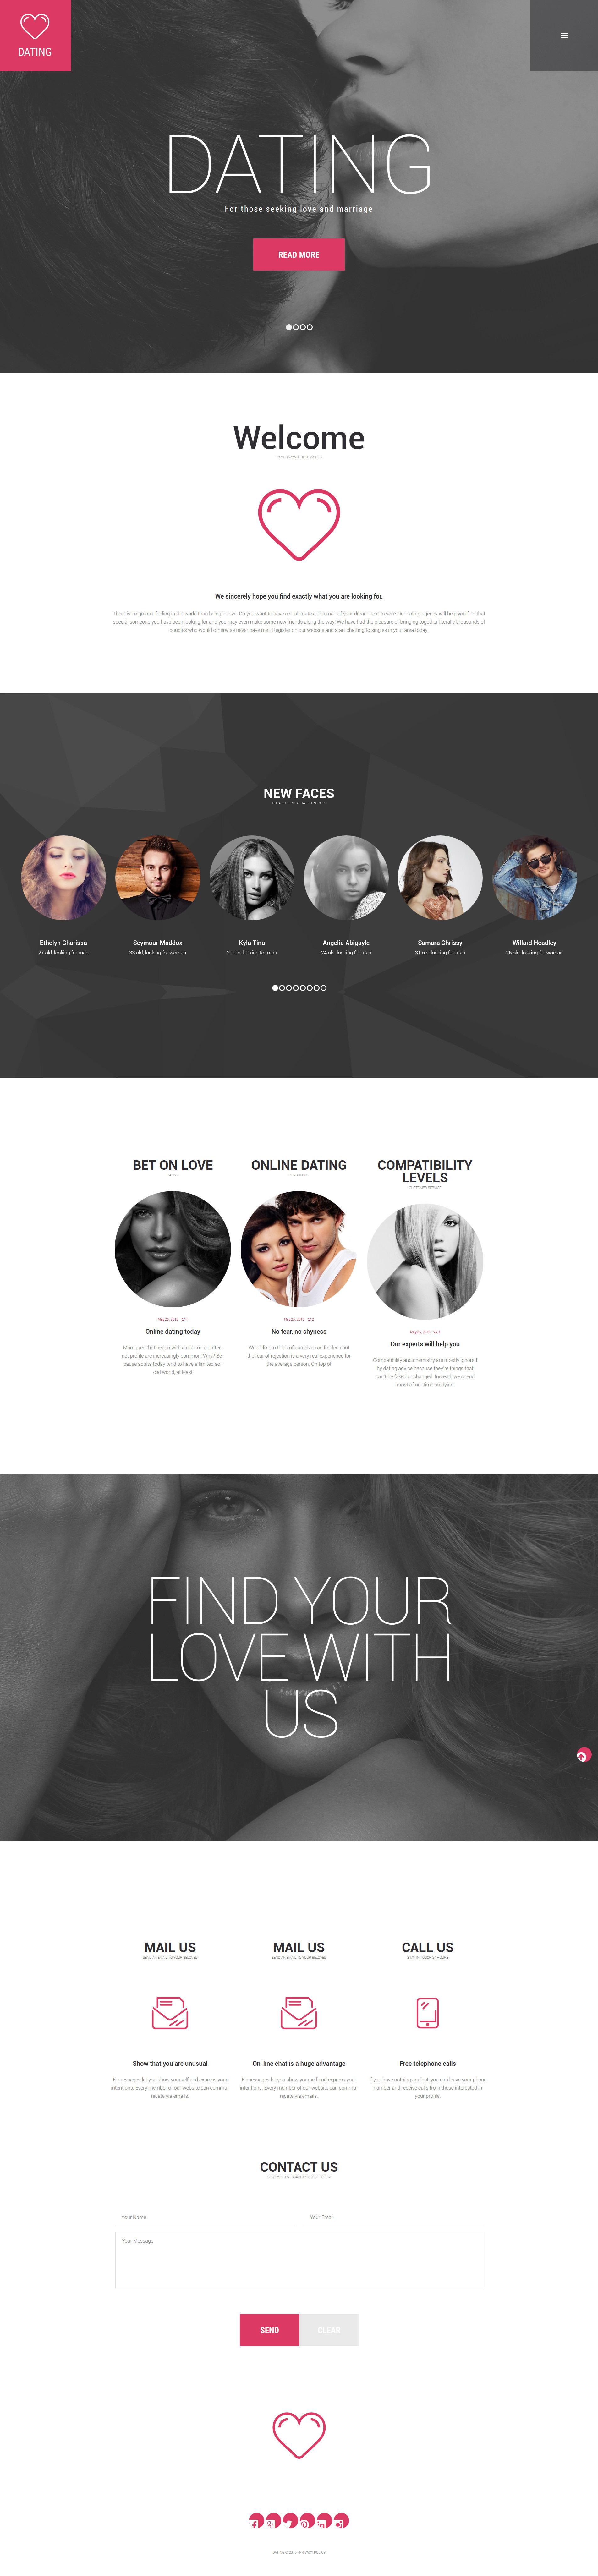 Ver el artista y la modelo online dating